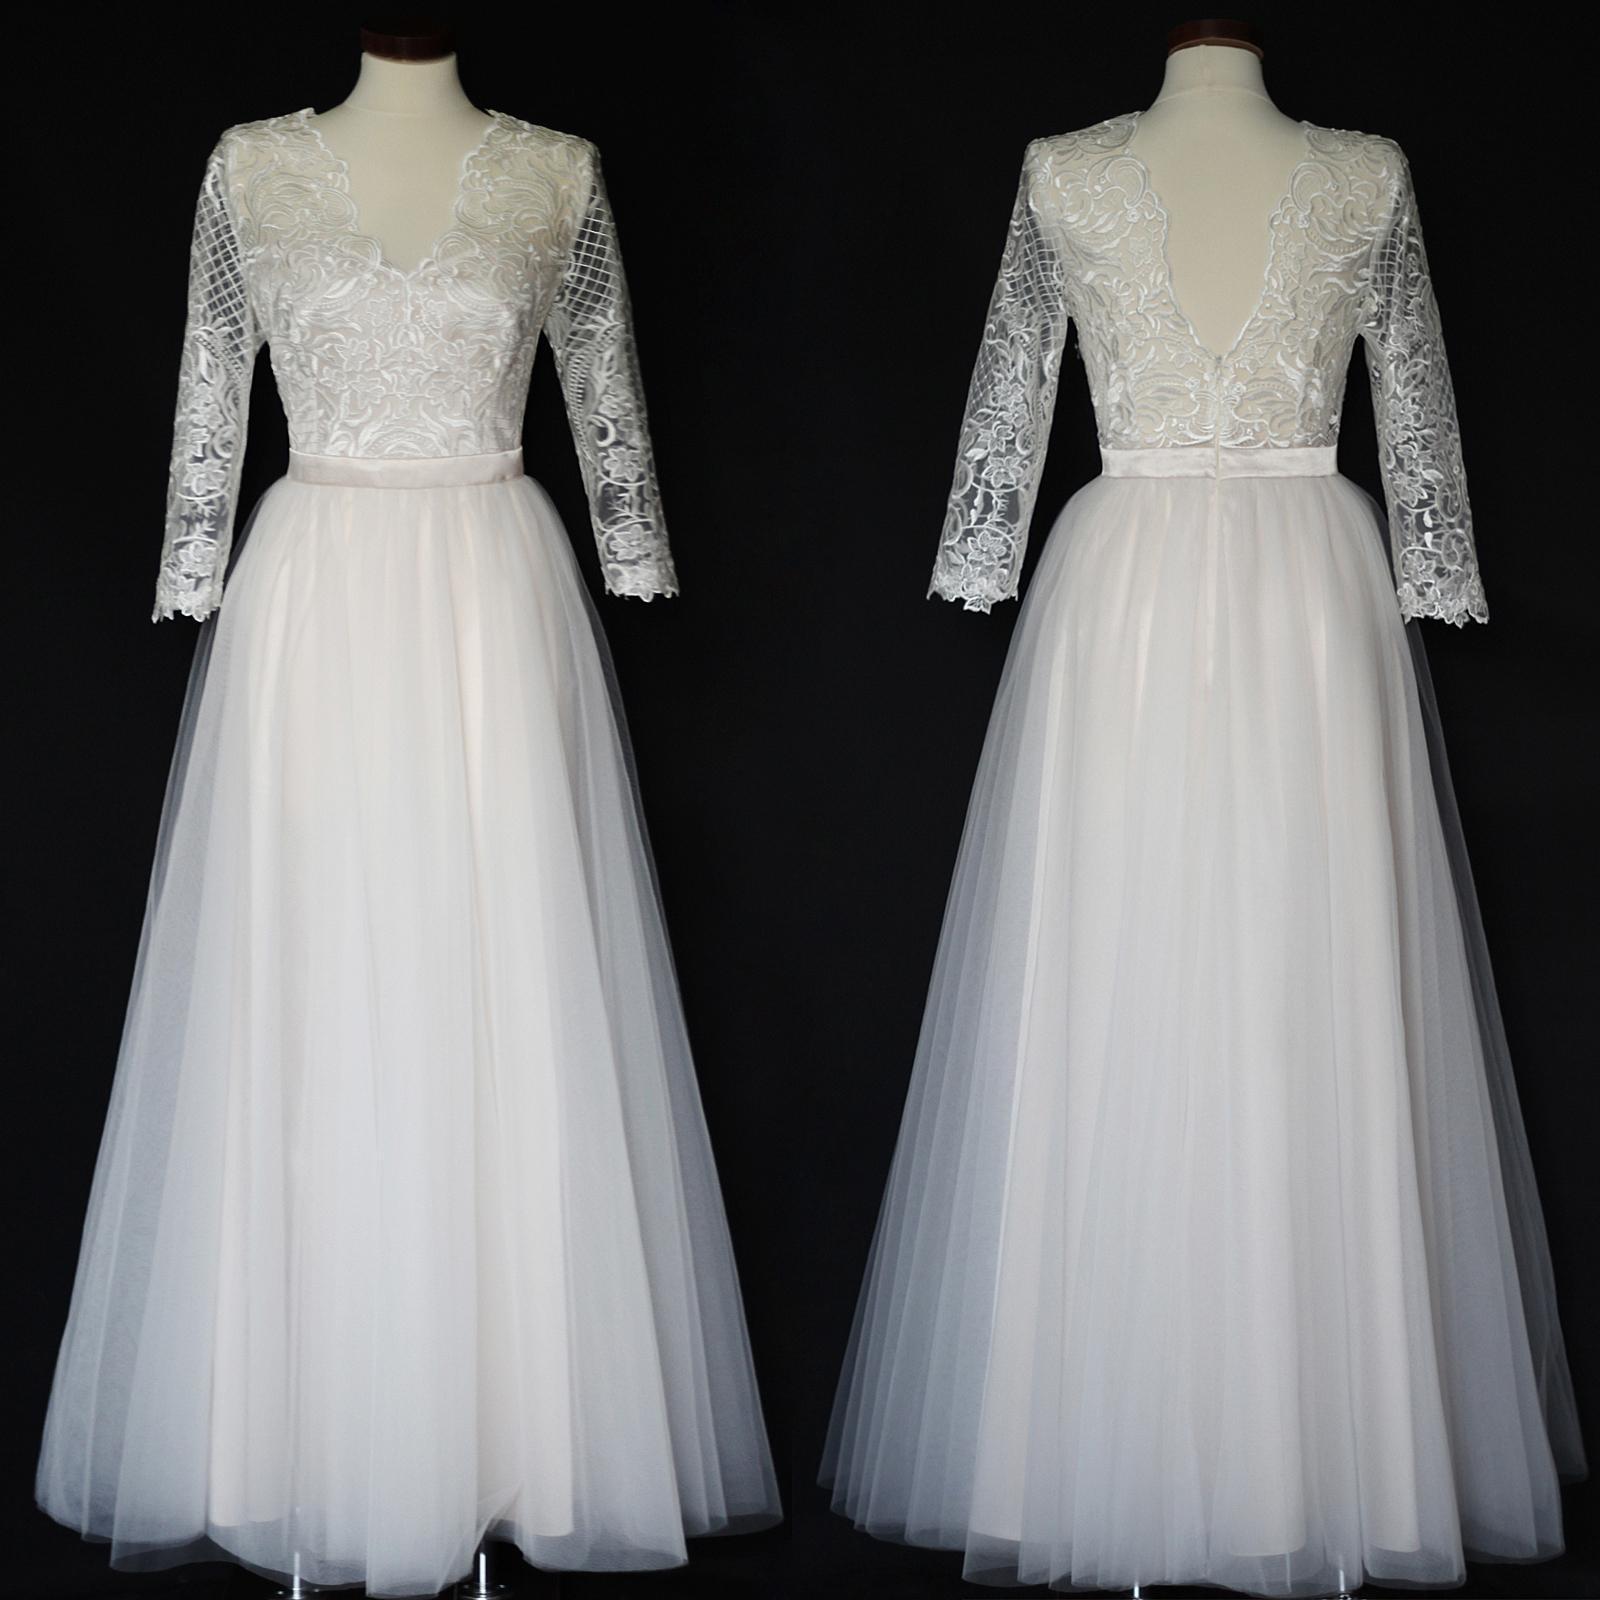 70bc8b8948cf Světlé krémové svatební šaty s tylovou sukní   Zboží prodejce Dyona ...